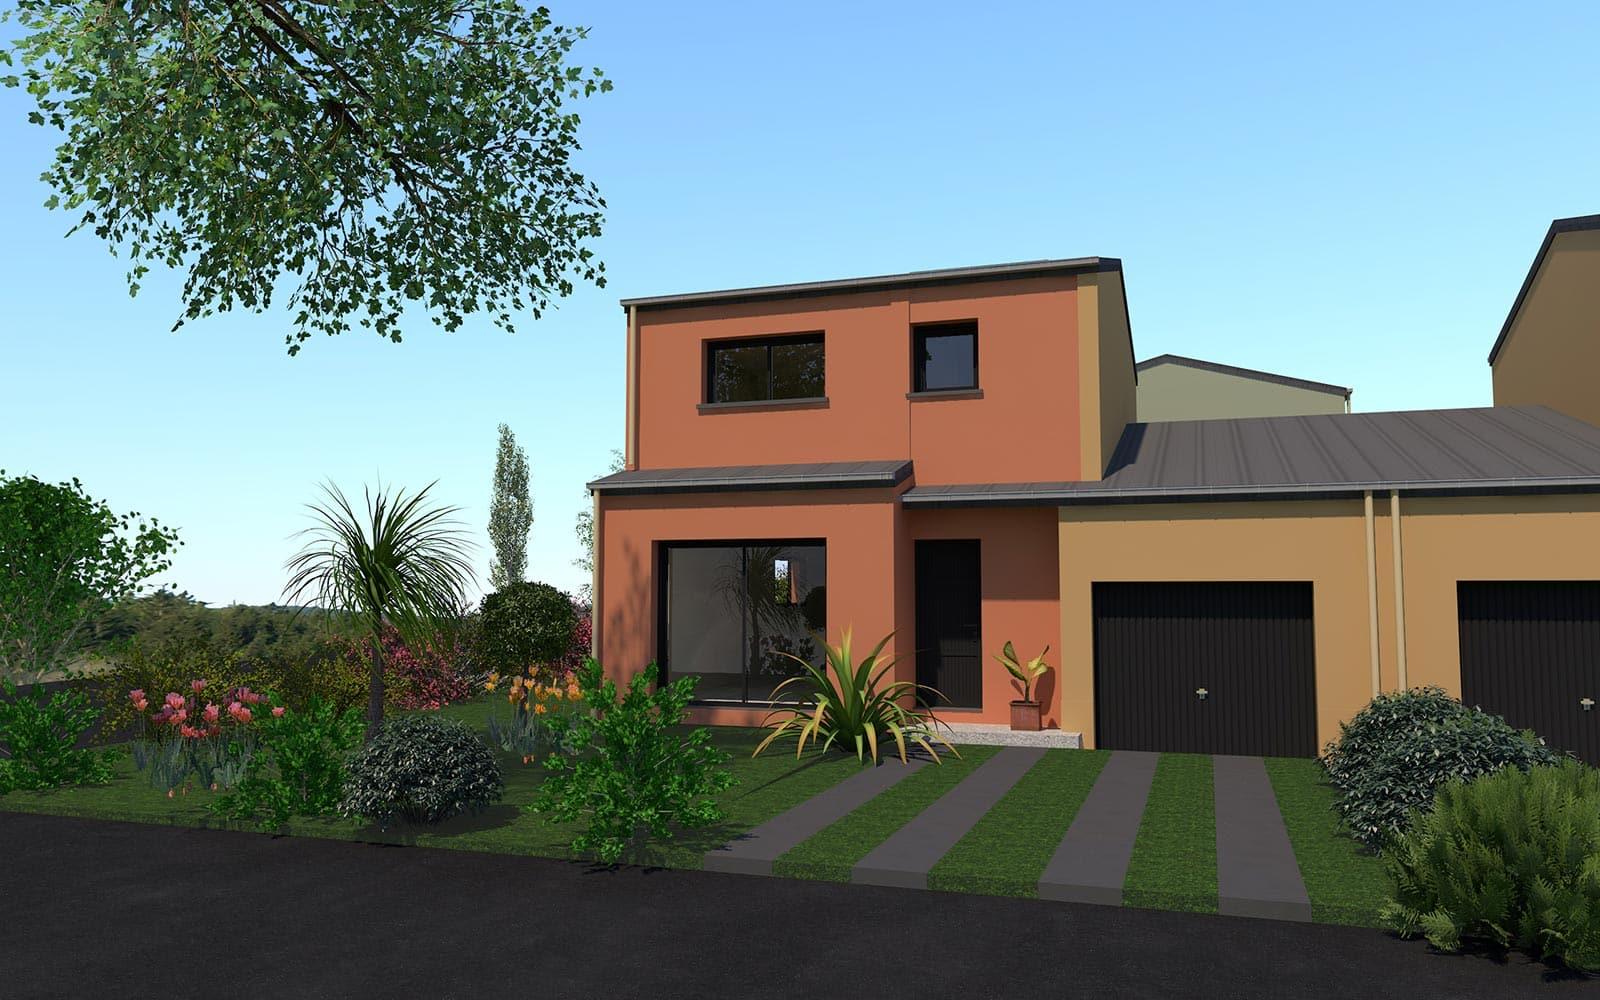 Programme de construction de maison à Saint Aubin d'Aubgné (35)